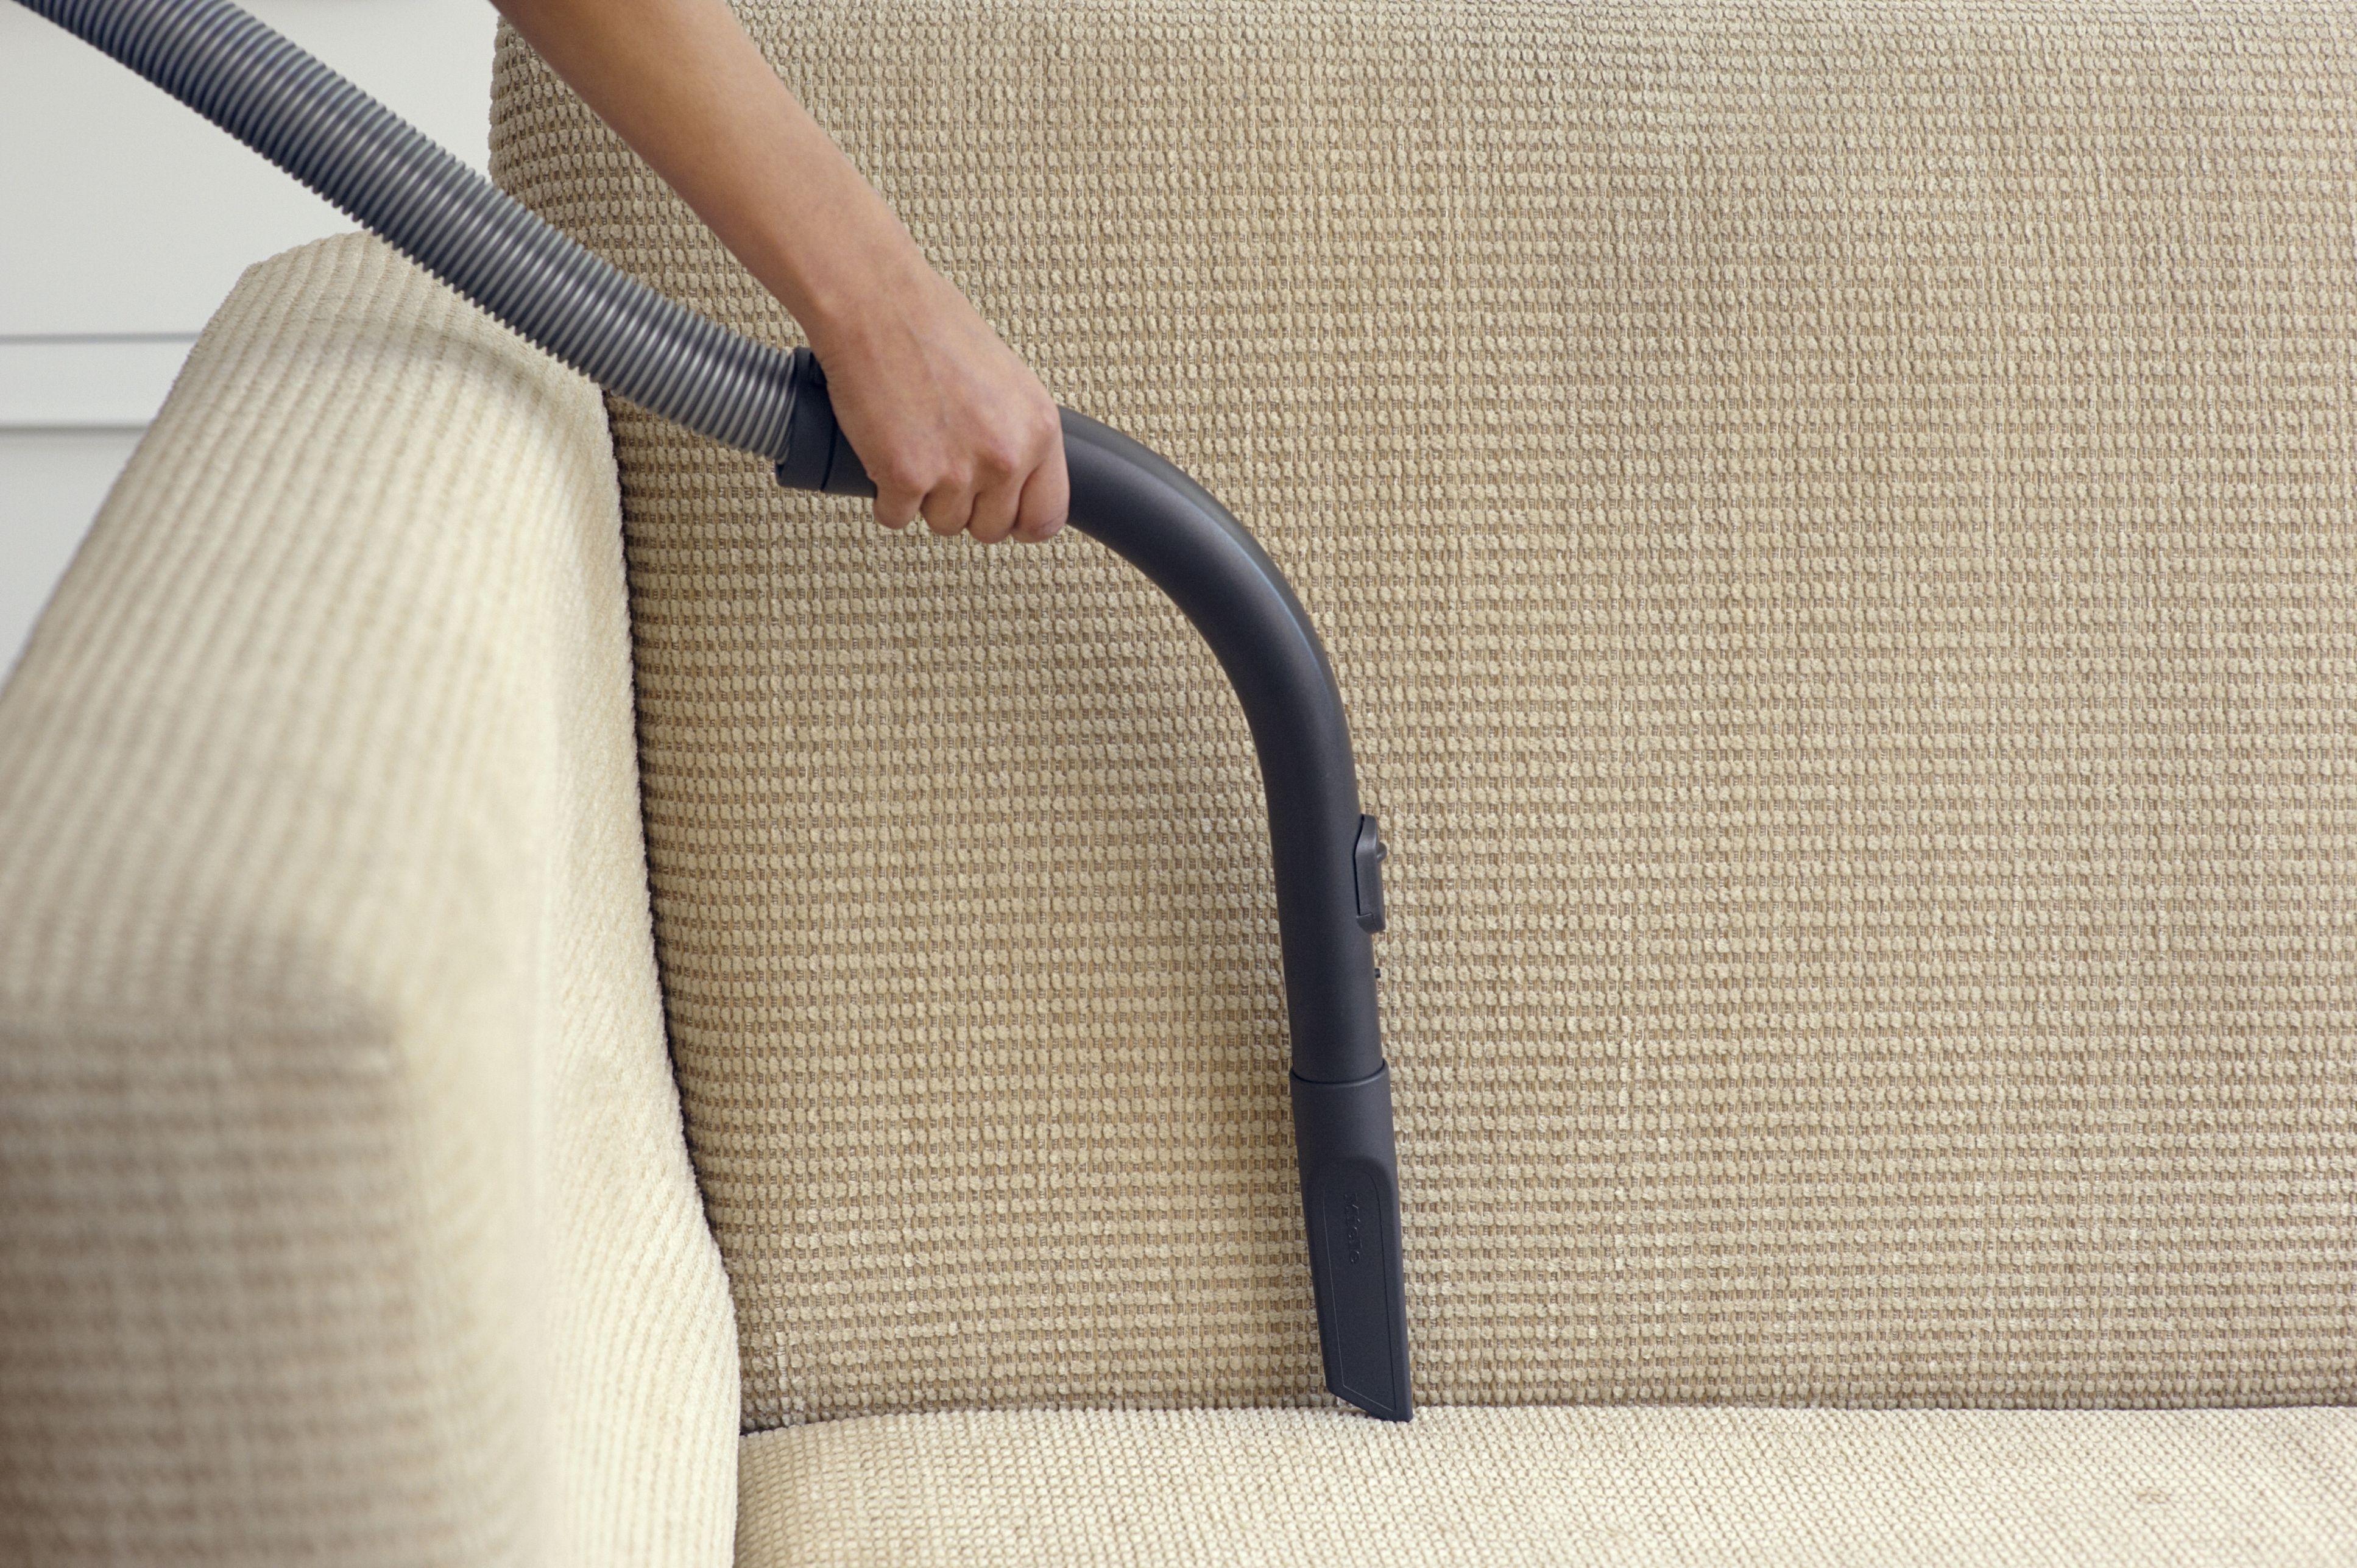 person vacuuming a sofa